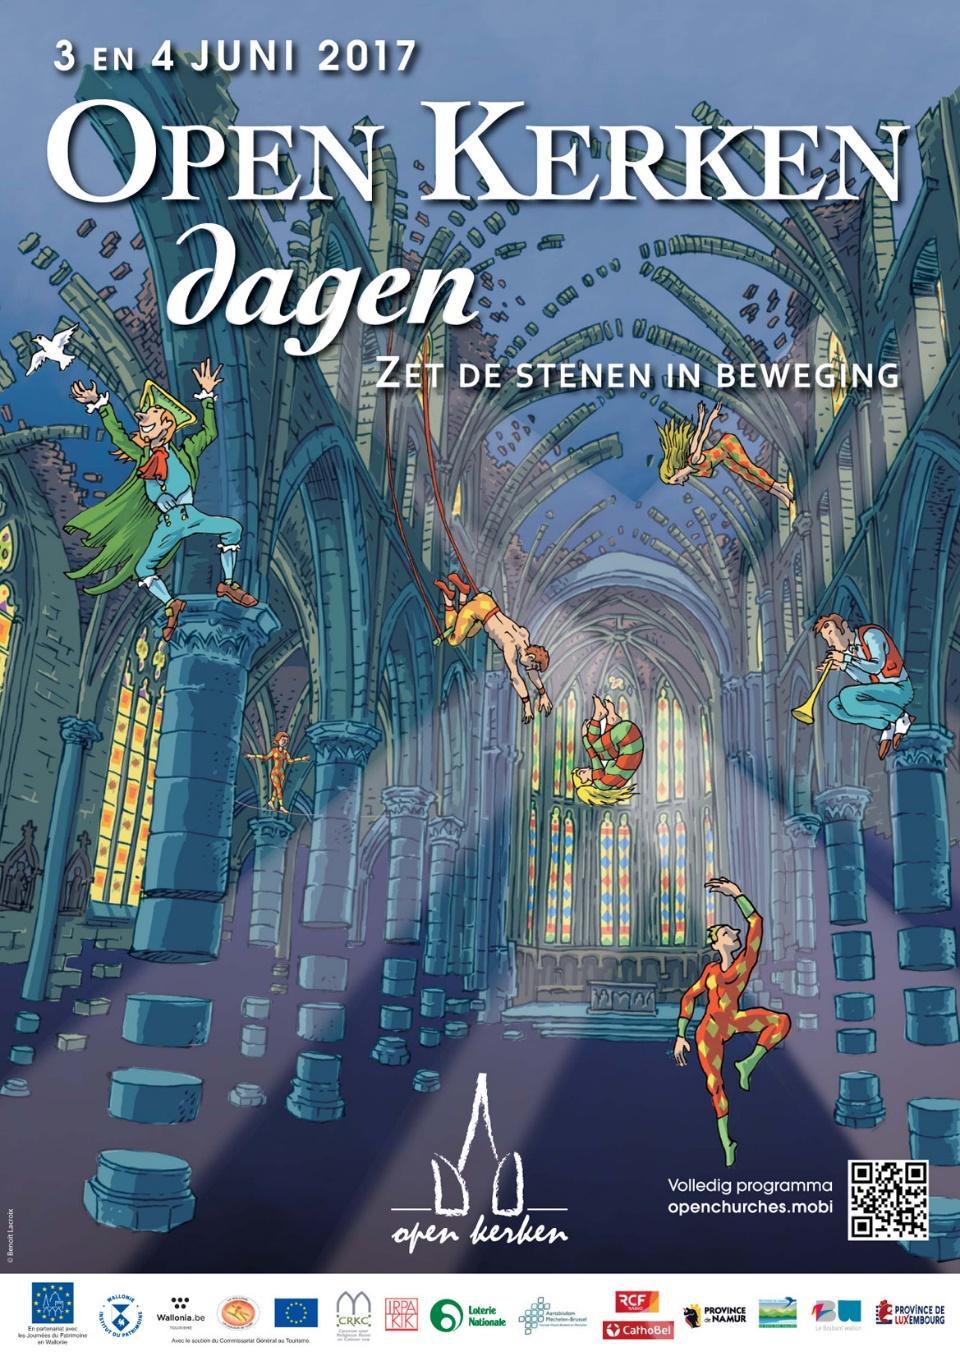 http://openkerken.be/uploads/3%20juin%202017/JEO%202017-NL(1).jpg